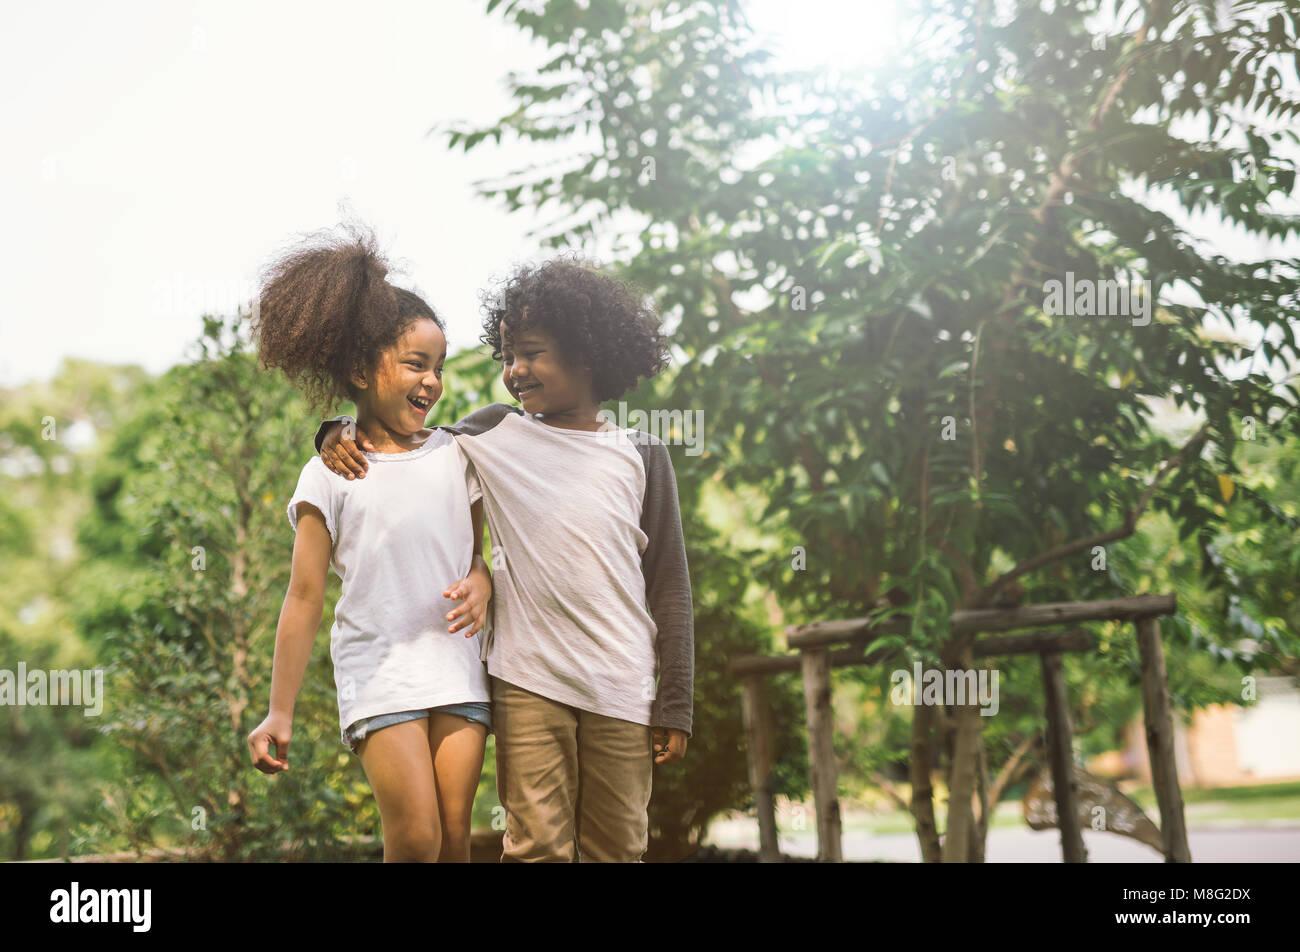 Kinder Freundschaft miteinander Lächeln Glück Konzept. Cute afrikanische amerikanische kleine Jungen und Stockbild